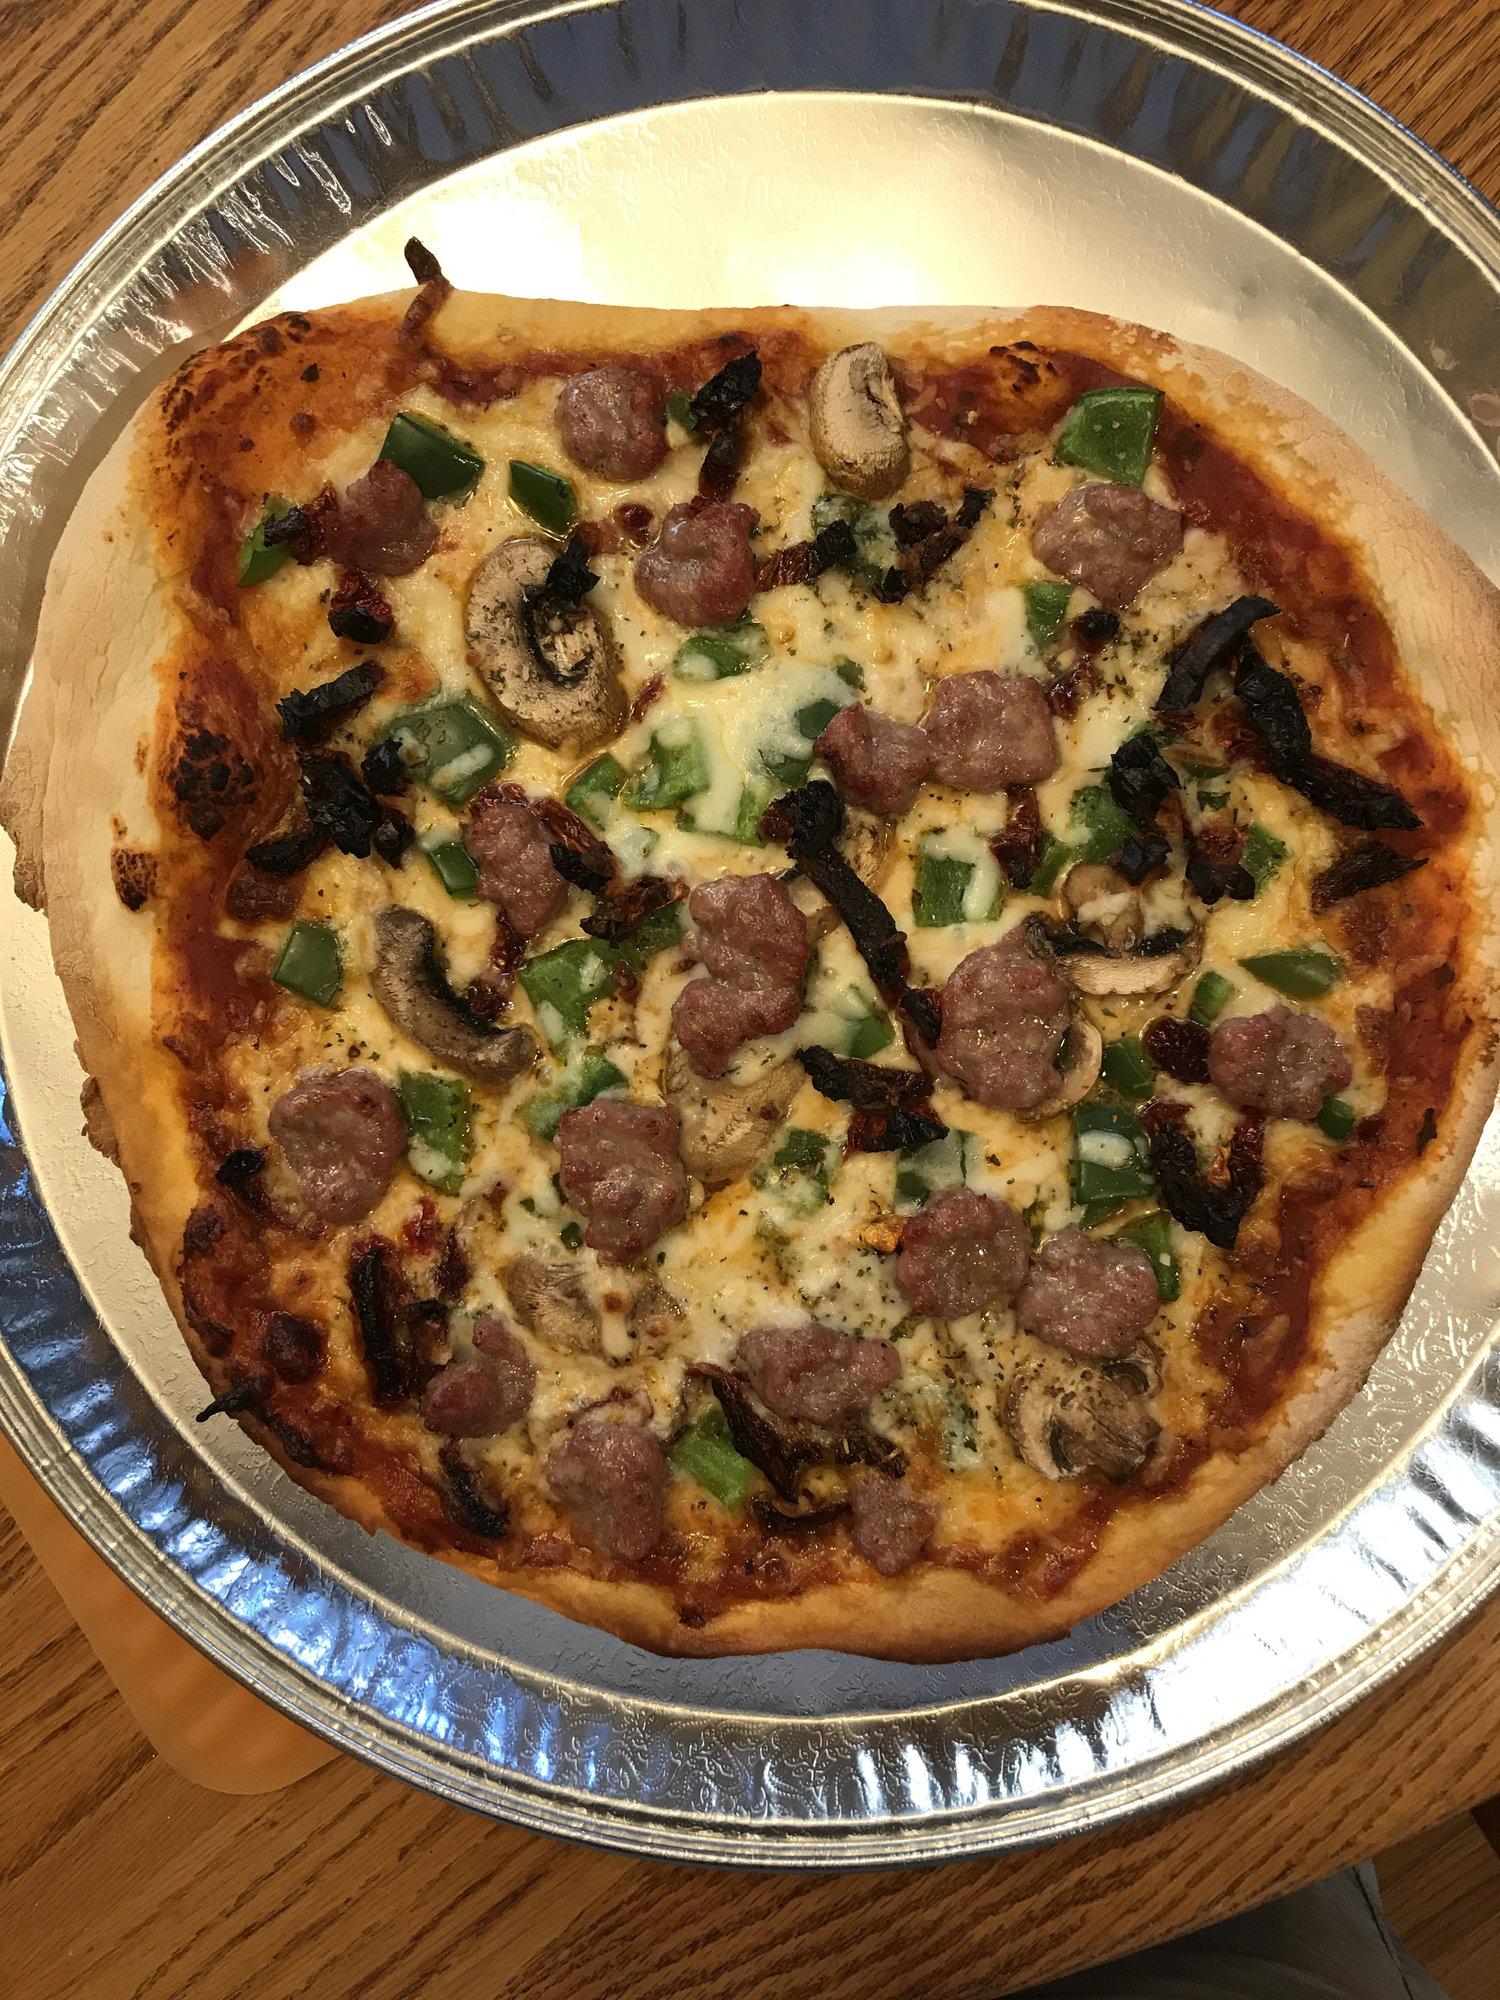 My Best Pizza So Far Big Green Egg Egghead Forum The